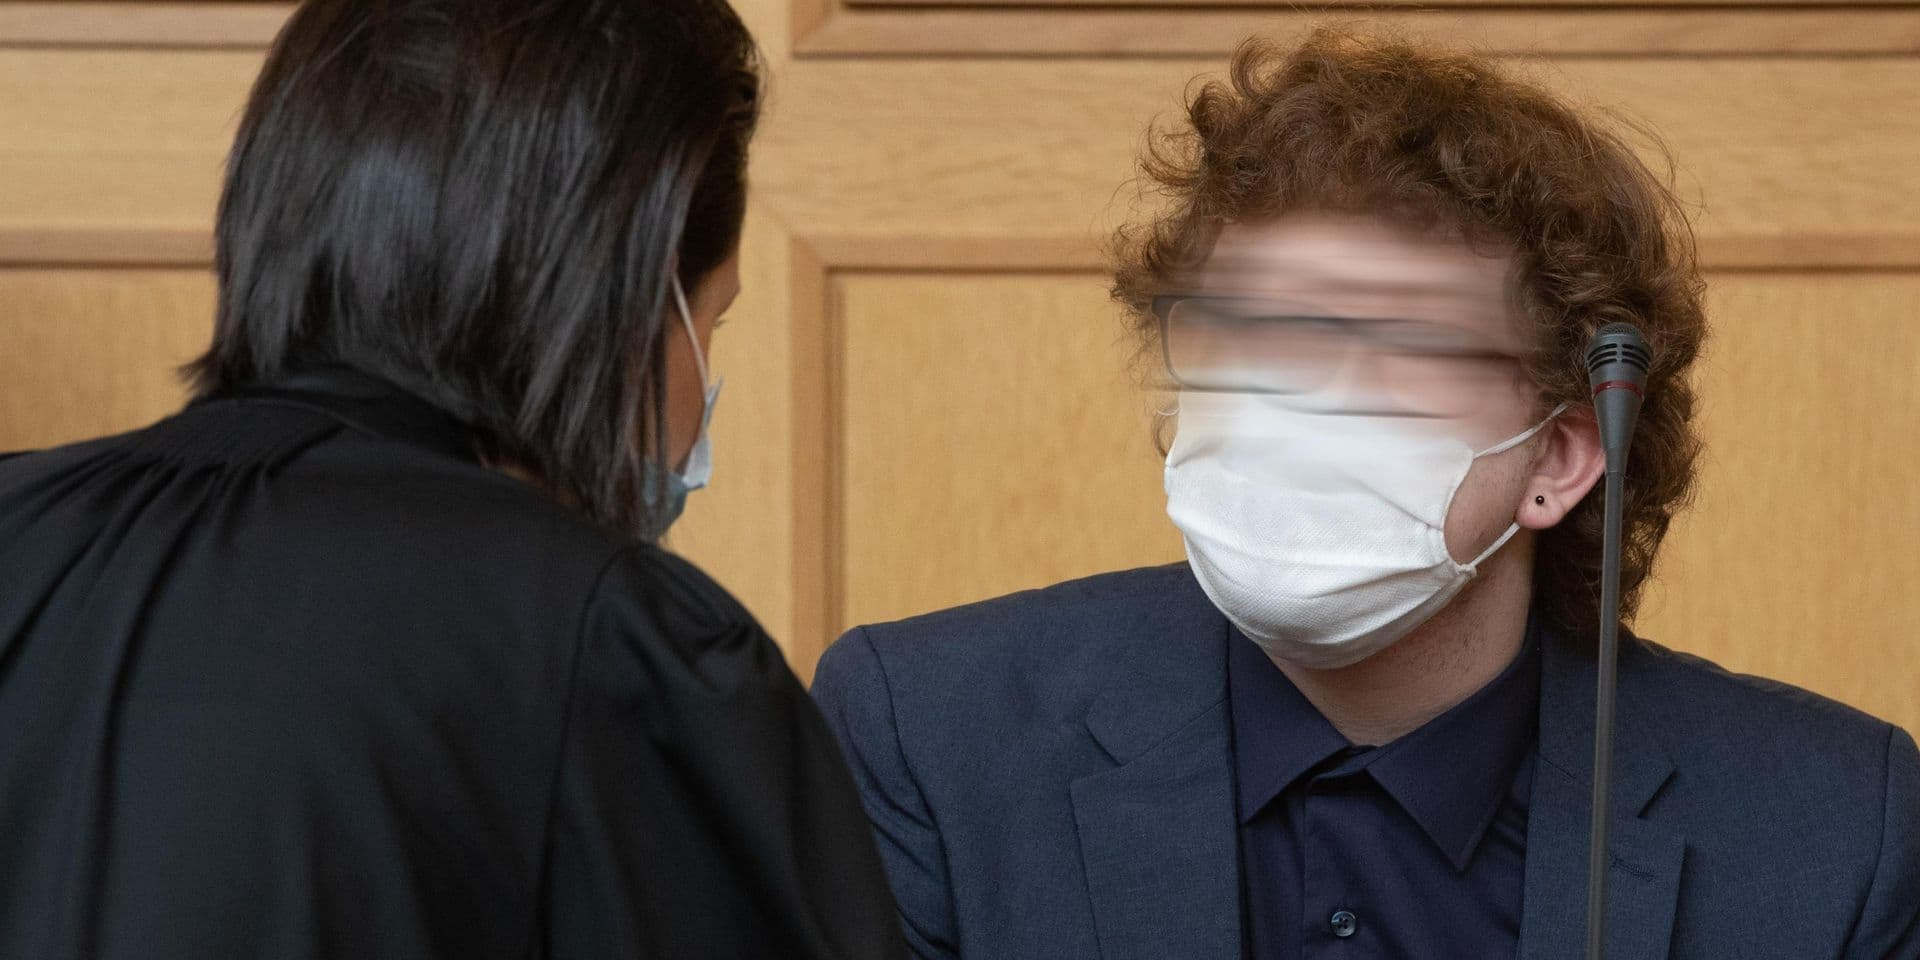 Procès d'Arnaud Spriesterbach: l'accusé décrit comme calme et non violent par ses proches